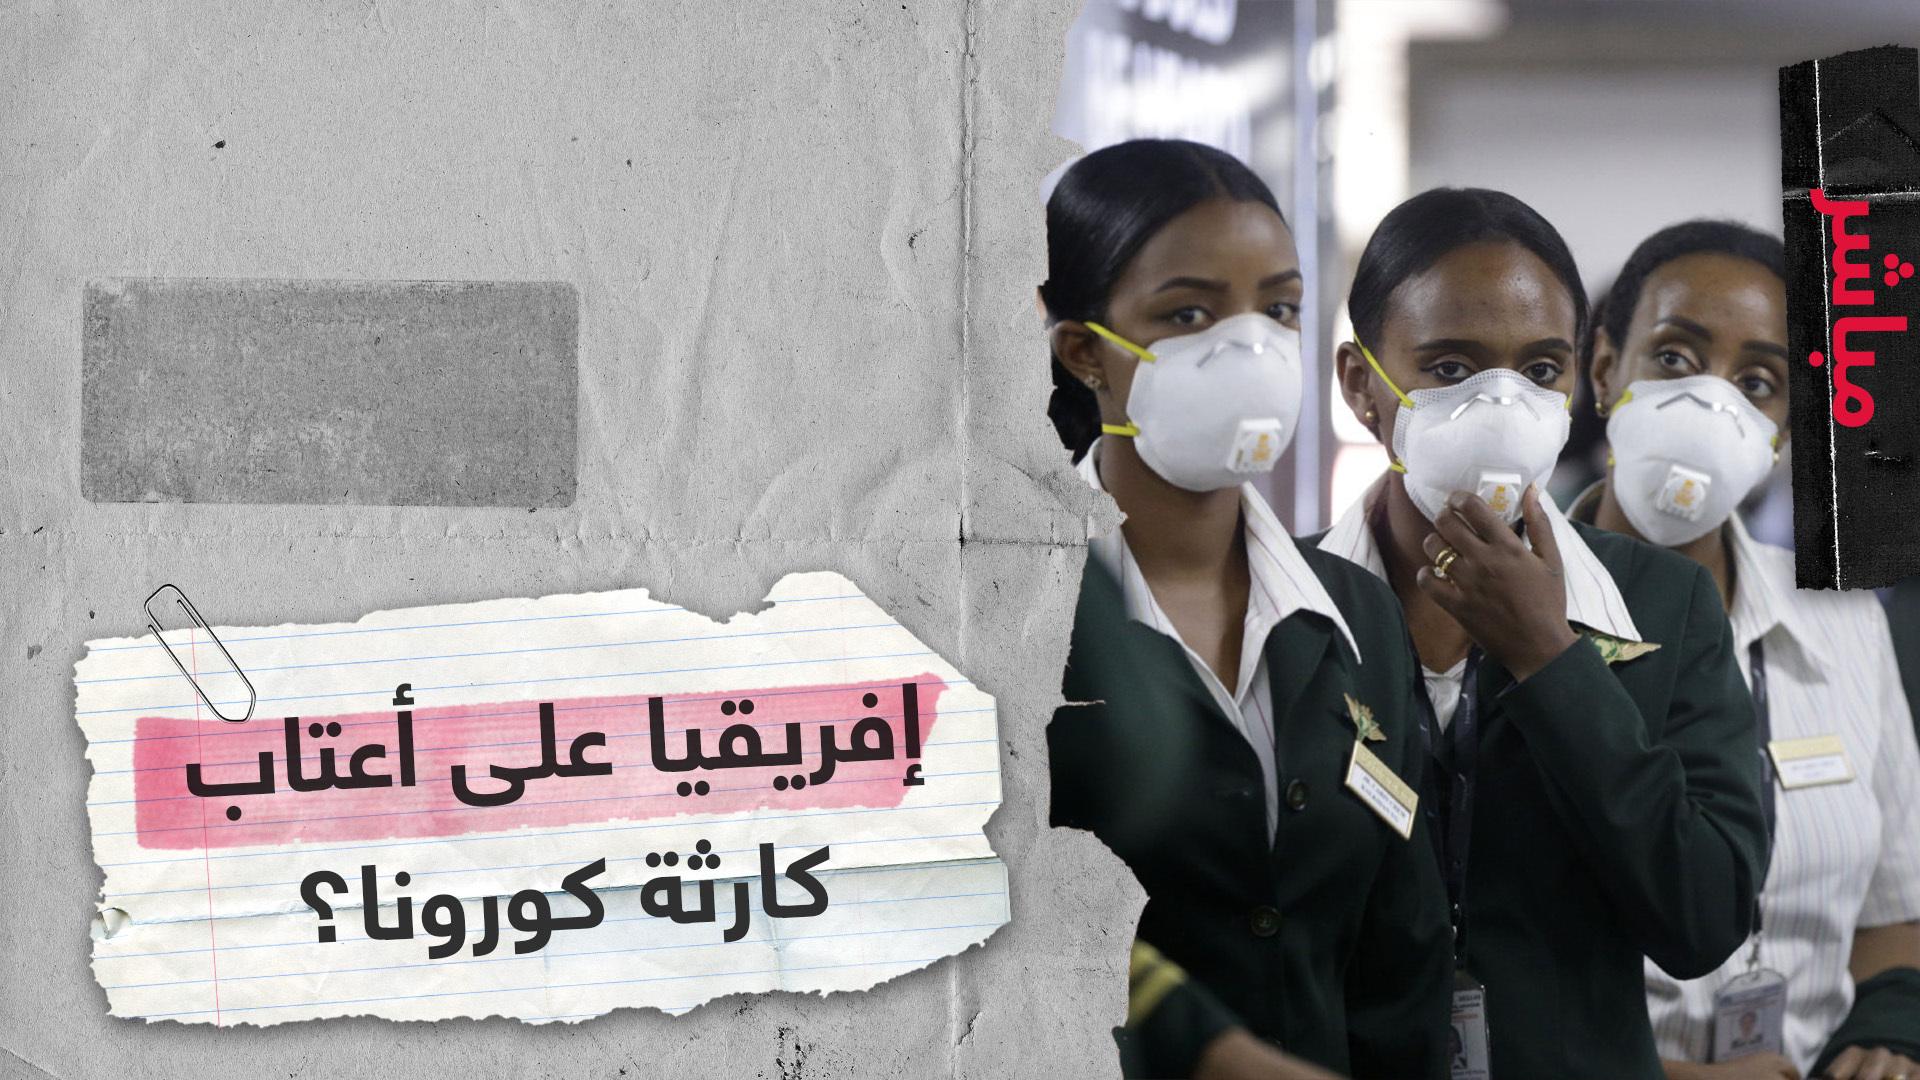 ما مدى جهوزية الدول العربية في شمال إفريقيا لخطر كورونا المحدق؟